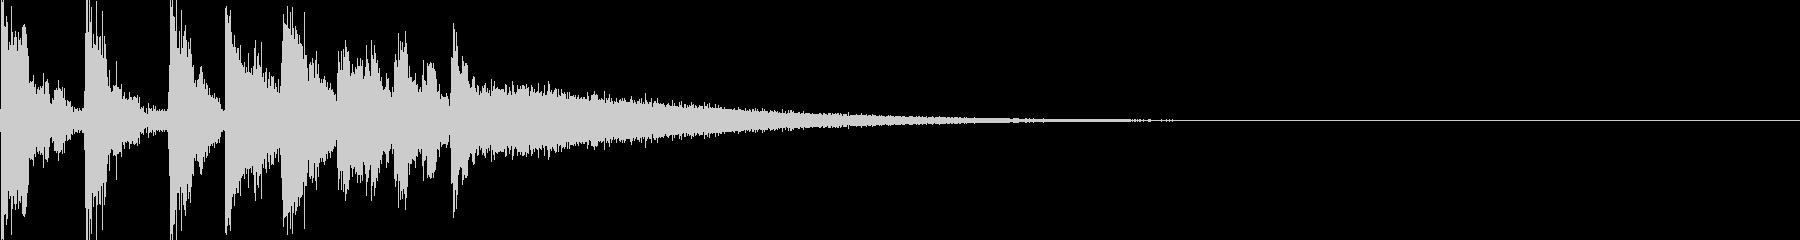 シンスウェーブなファンファーレの未再生の波形